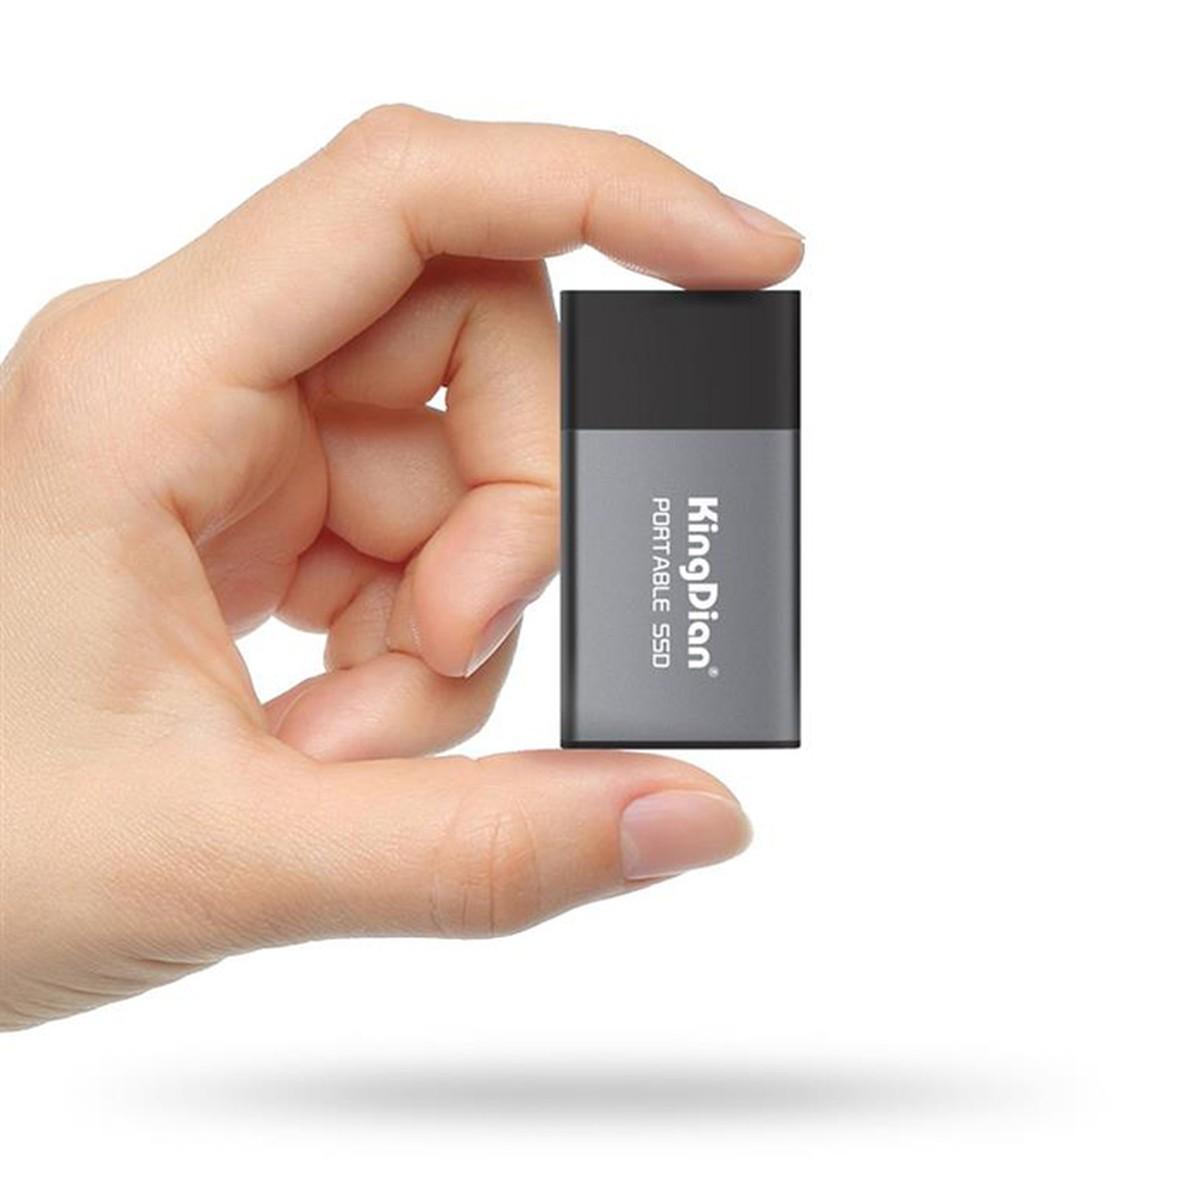 SSD externo cabe na palma da mão e tem até 1 TB; veja ...